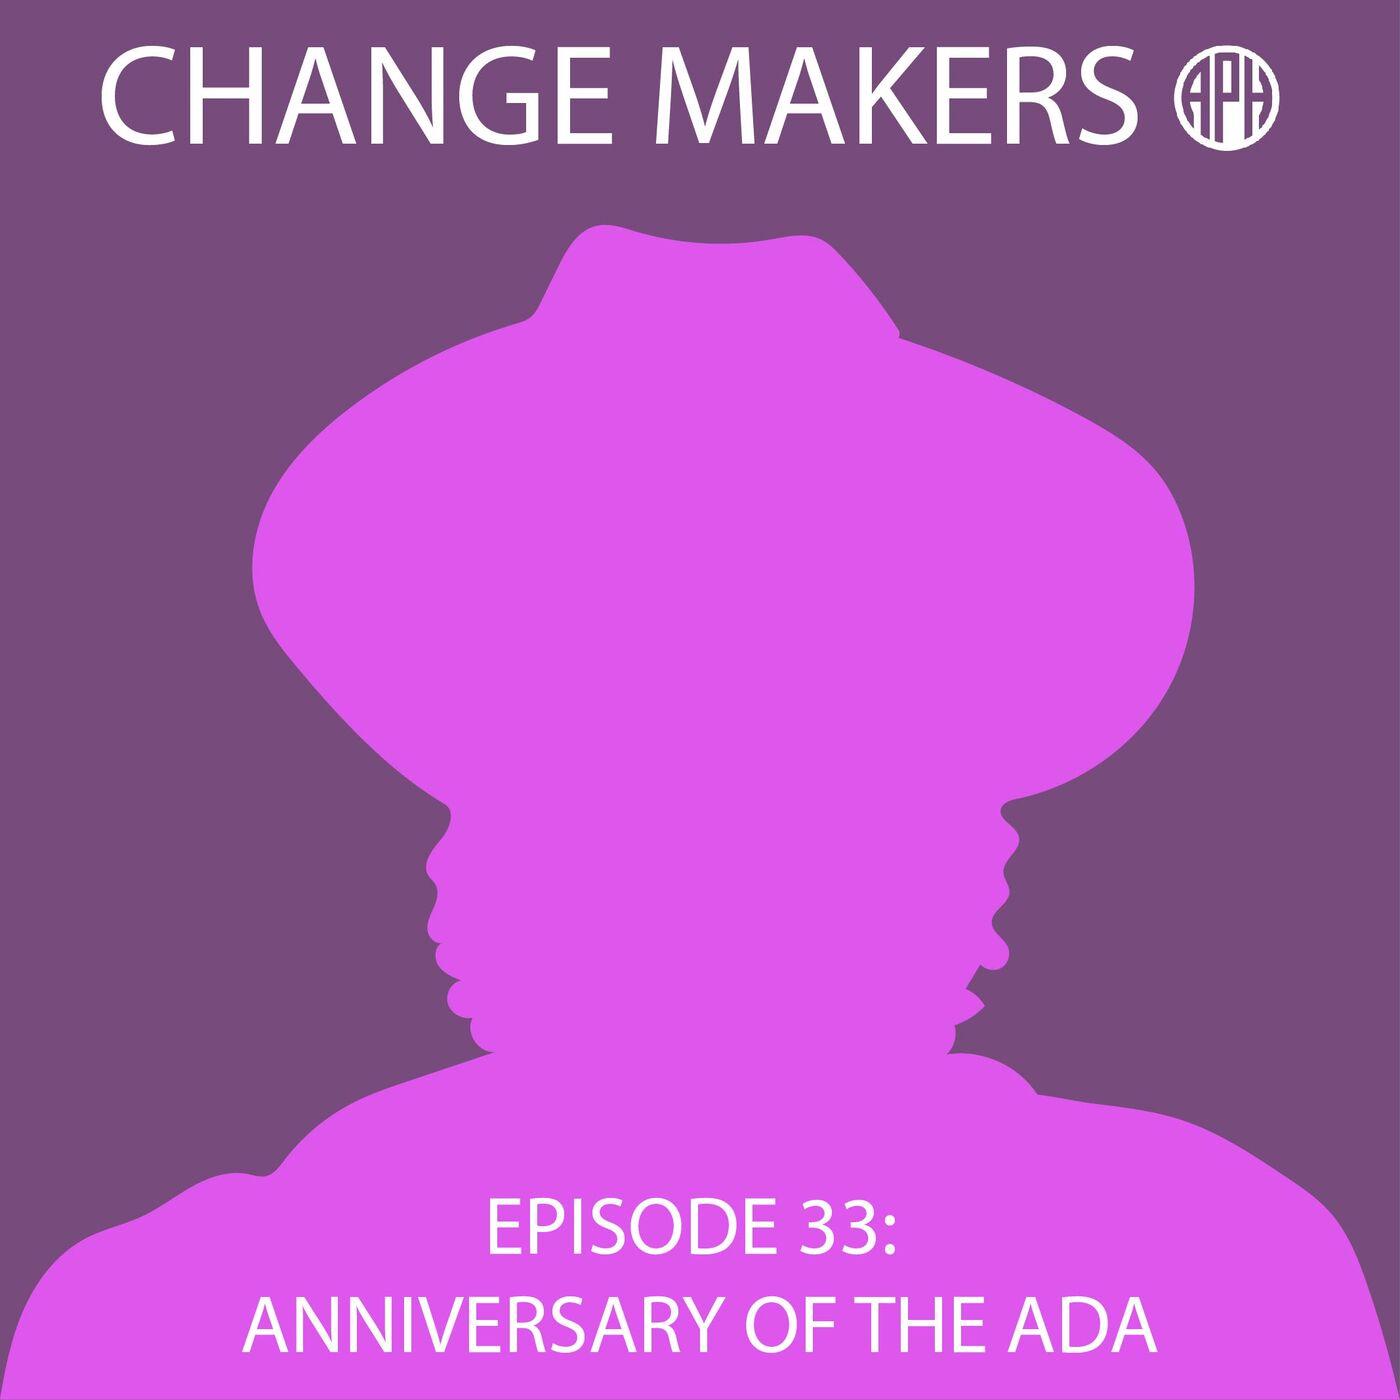 Anniversary of the ADA